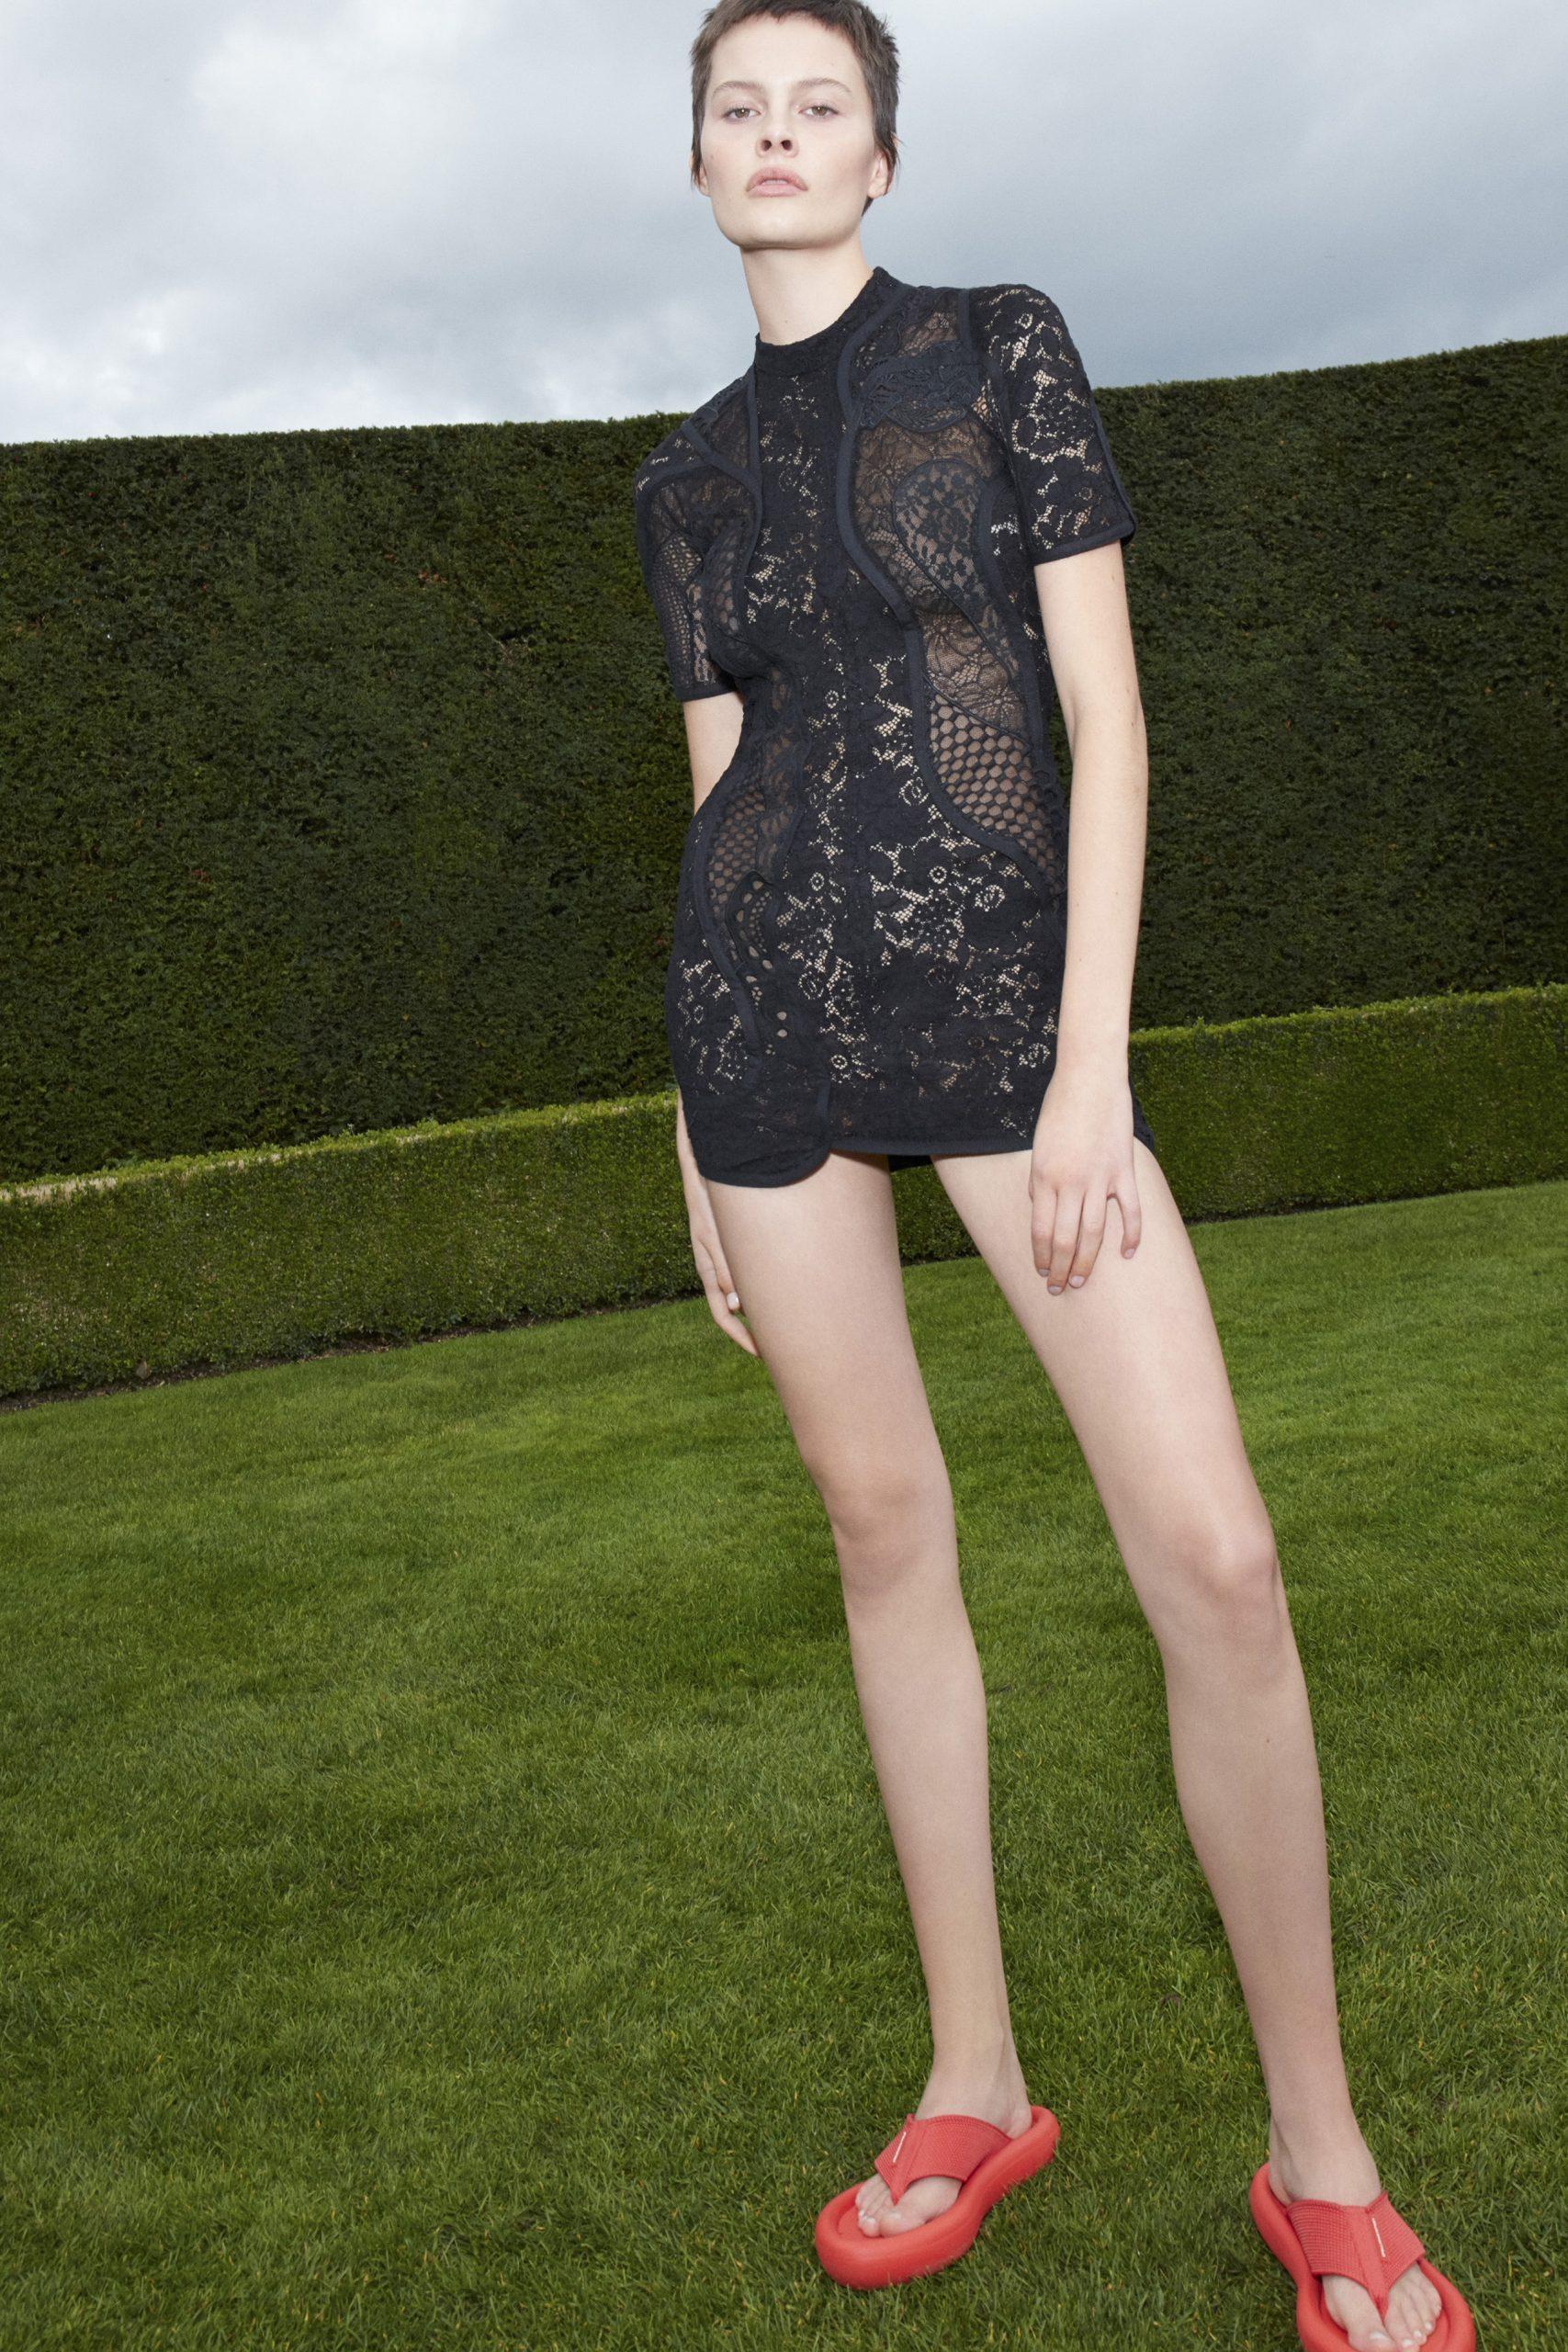 18. kép: Párizsi divathét - 2021-es tavaszi-nyári ready to wear kollekció - Stella McCartney